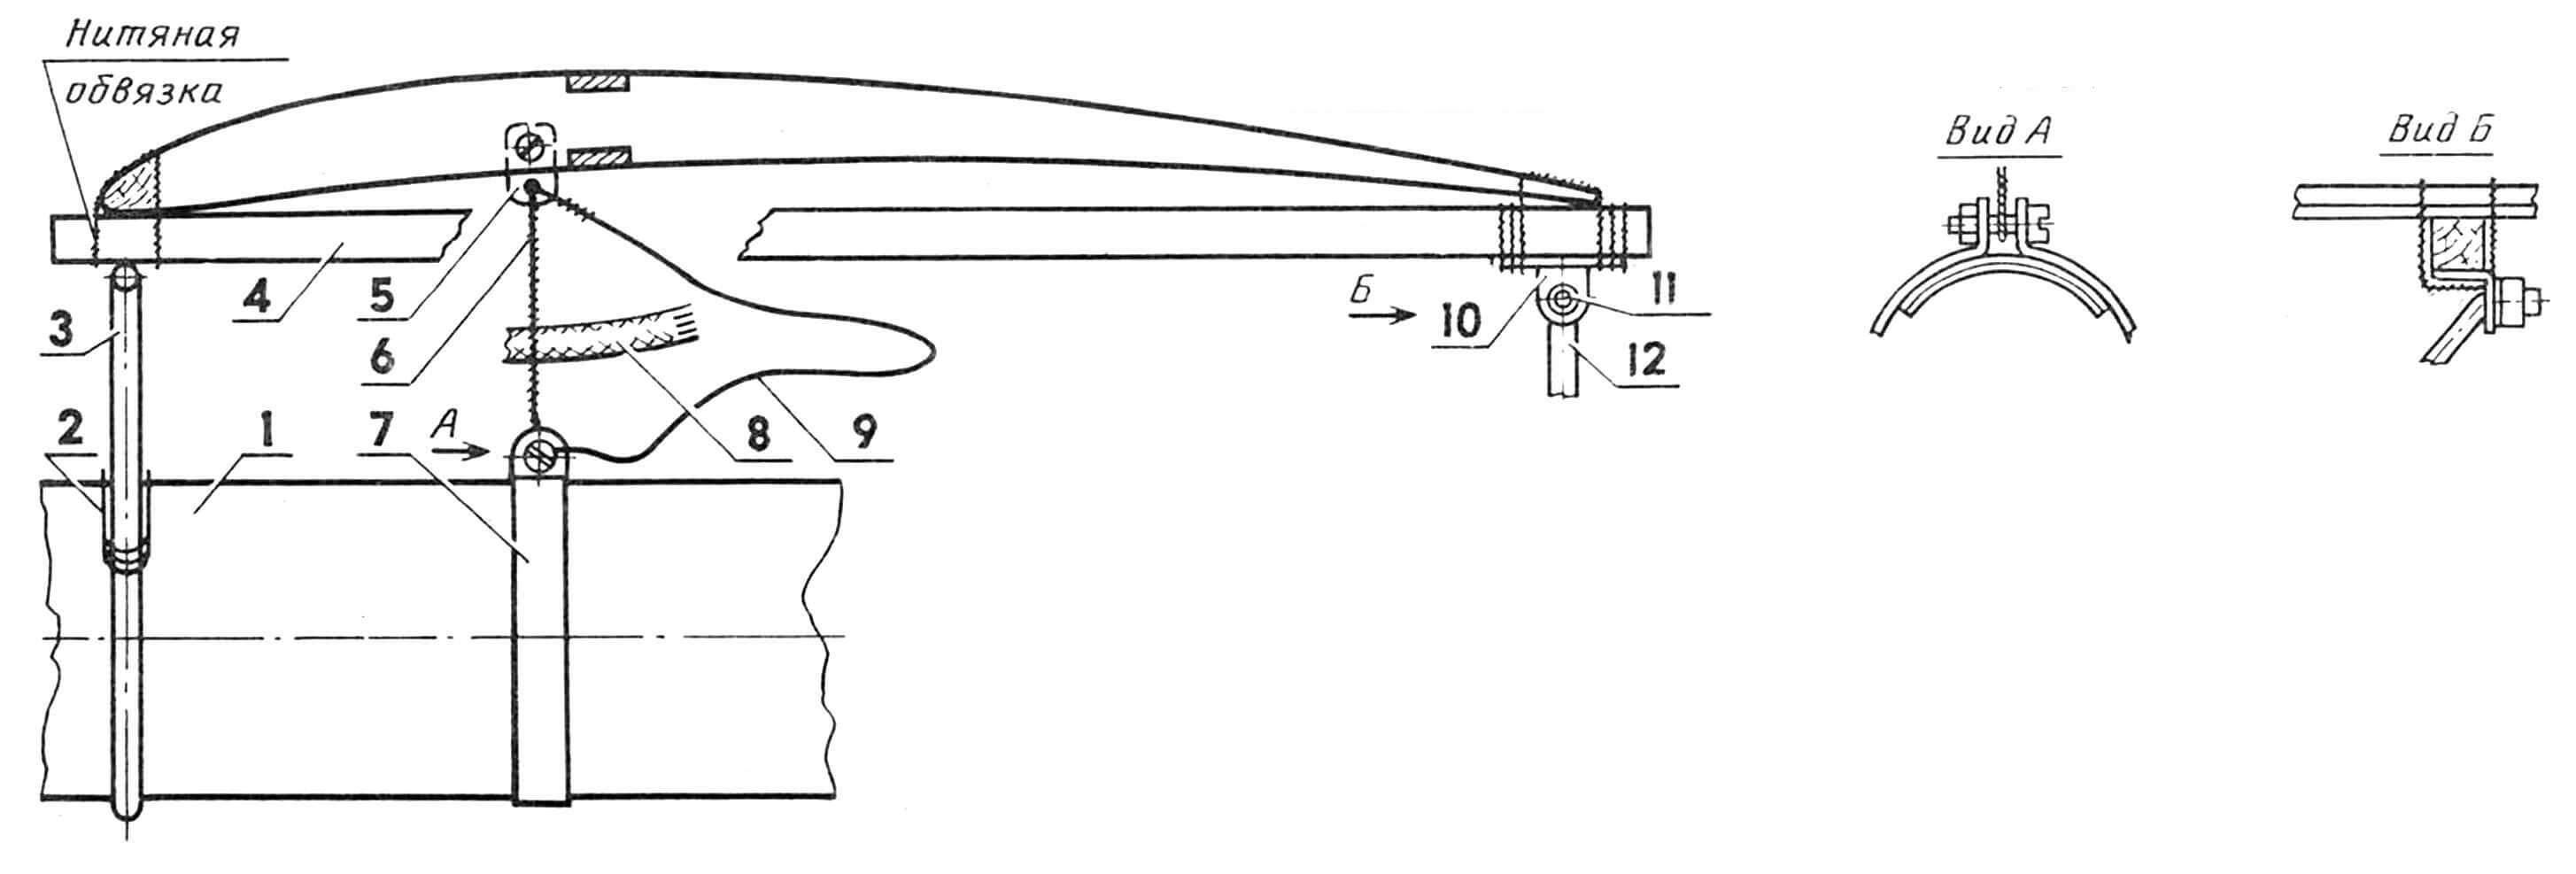 Рис. 4. Схема детермализатора: 1 — фюзеляж; 2 — проклеенные нитки; 3 — стойка переднего подкоса; 4 — ложемент; 5 — ушко (дюраль 0,8 мм); 6 — нитка; 7 — хомут с винтом; 8 — фитиль; 9 — корд; 10 — уголок фиксатора ложемента; 11 — кембрик; 12 — задняя стойка подкоса.